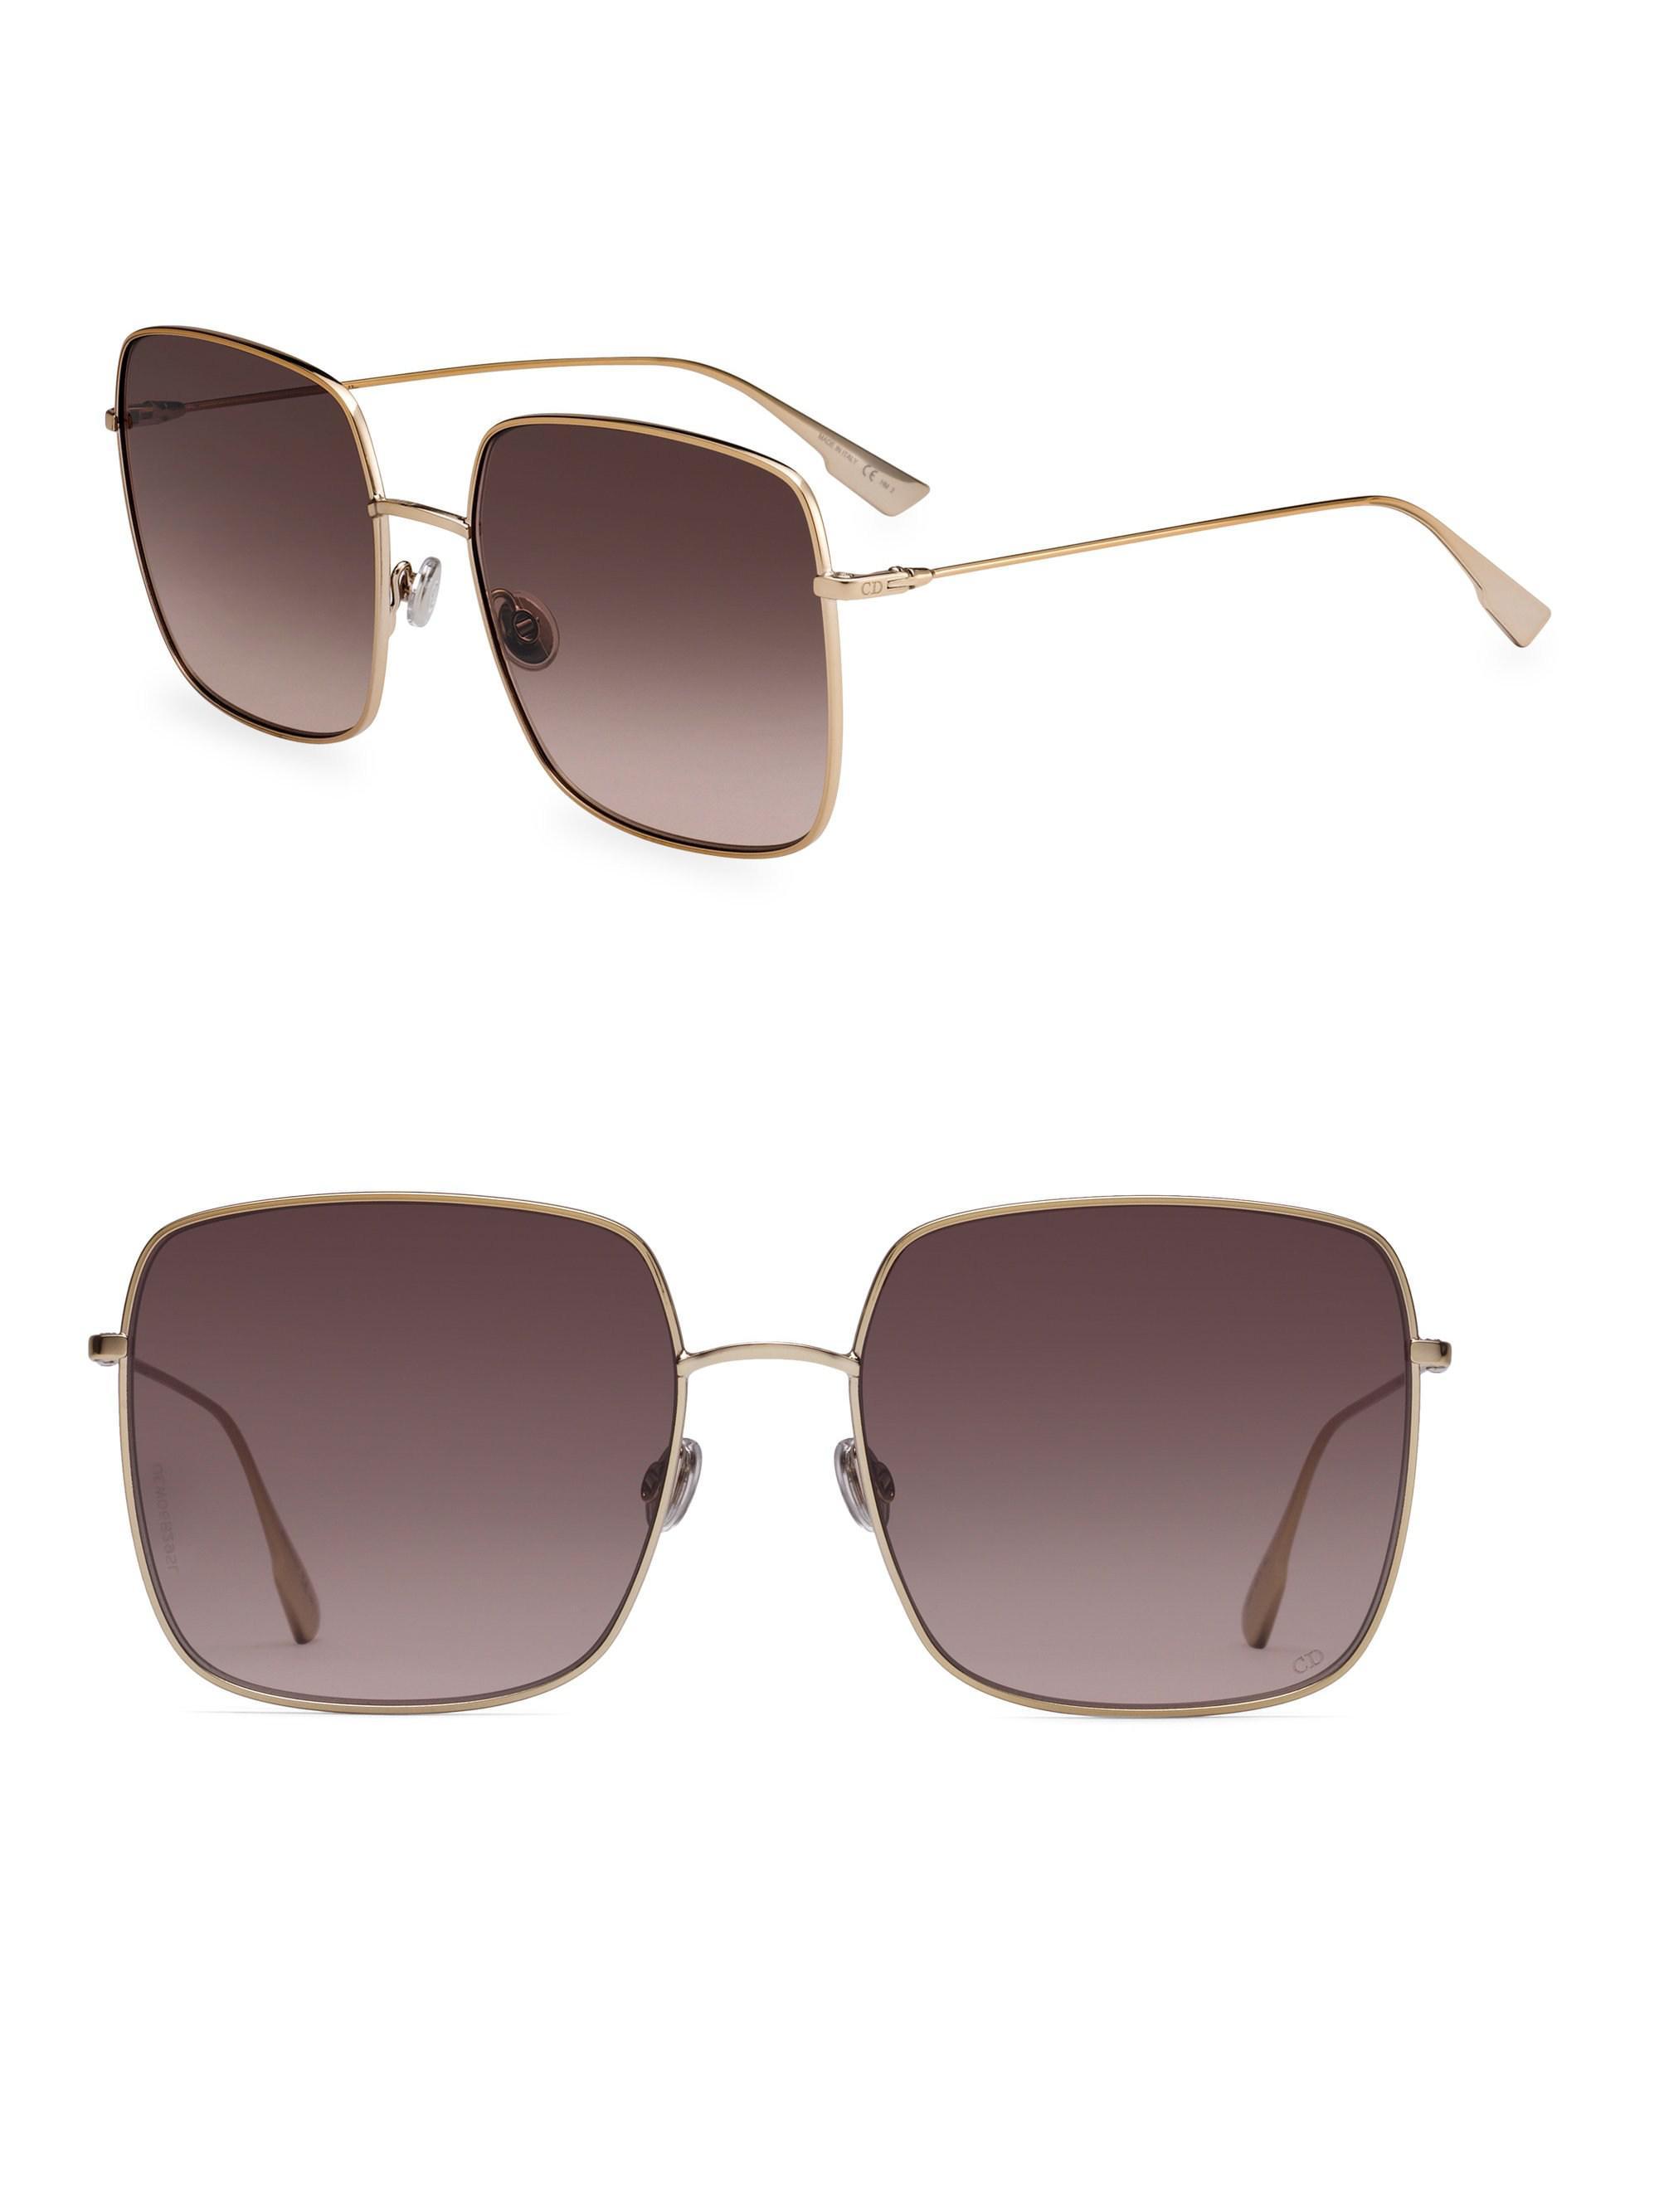 142196ccb2 Dior. Women s Stellaire1 59mm Square Sunglasses